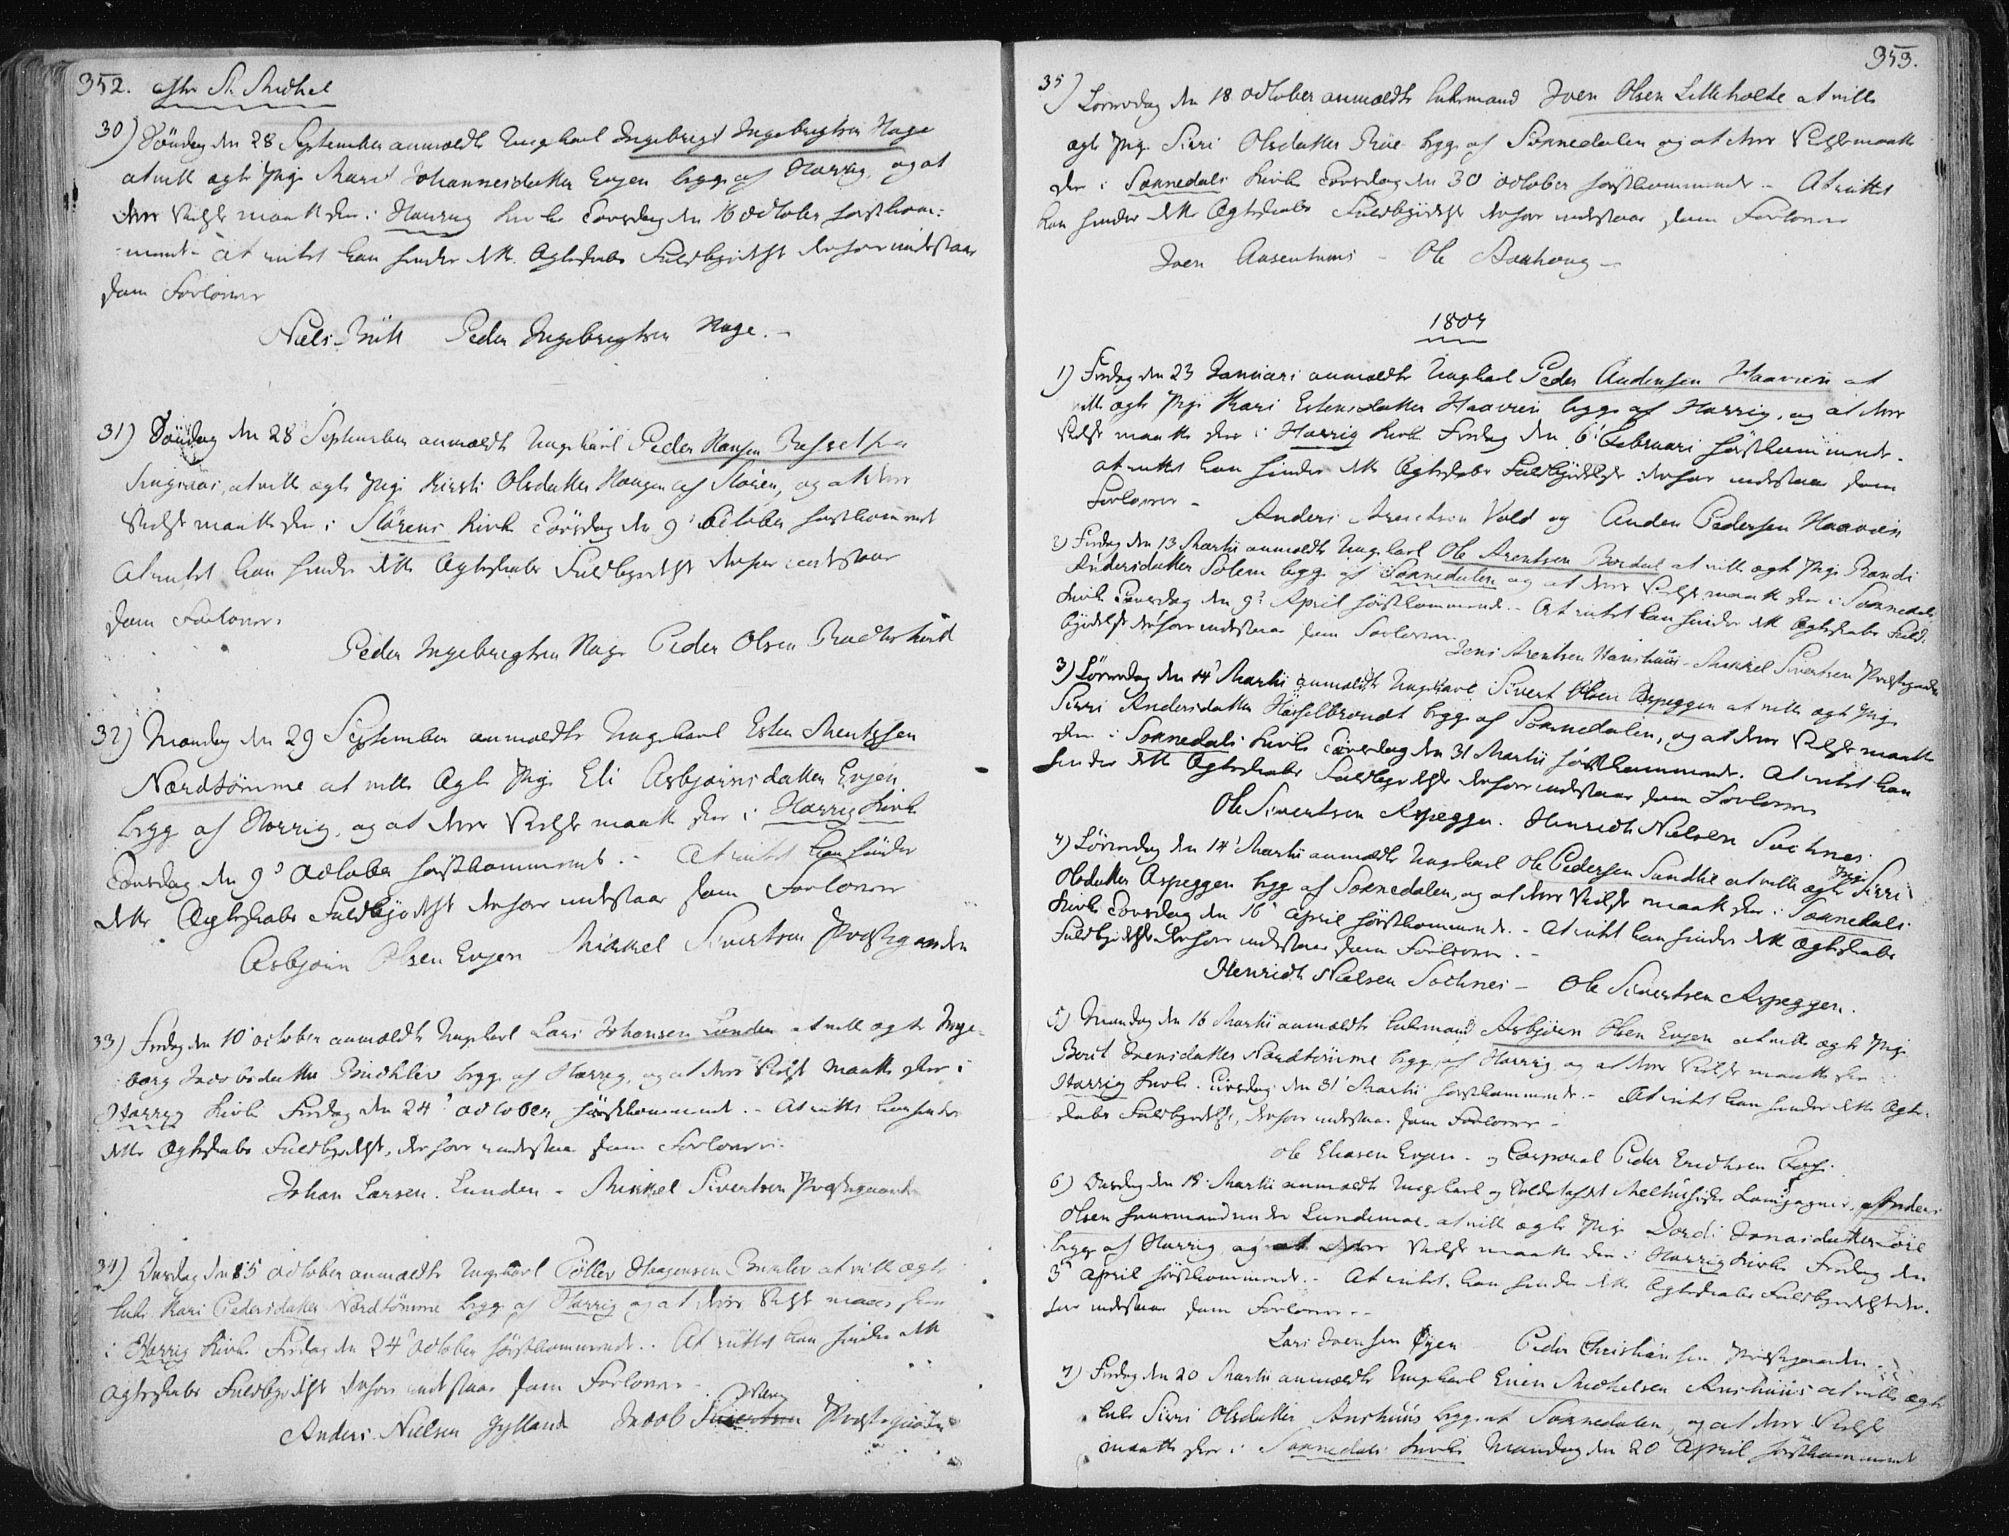 SAT, Ministerialprotokoller, klokkerbøker og fødselsregistre - Sør-Trøndelag, 687/L0992: Ministerialbok nr. 687A03 /1, 1788-1815, s. 352-353